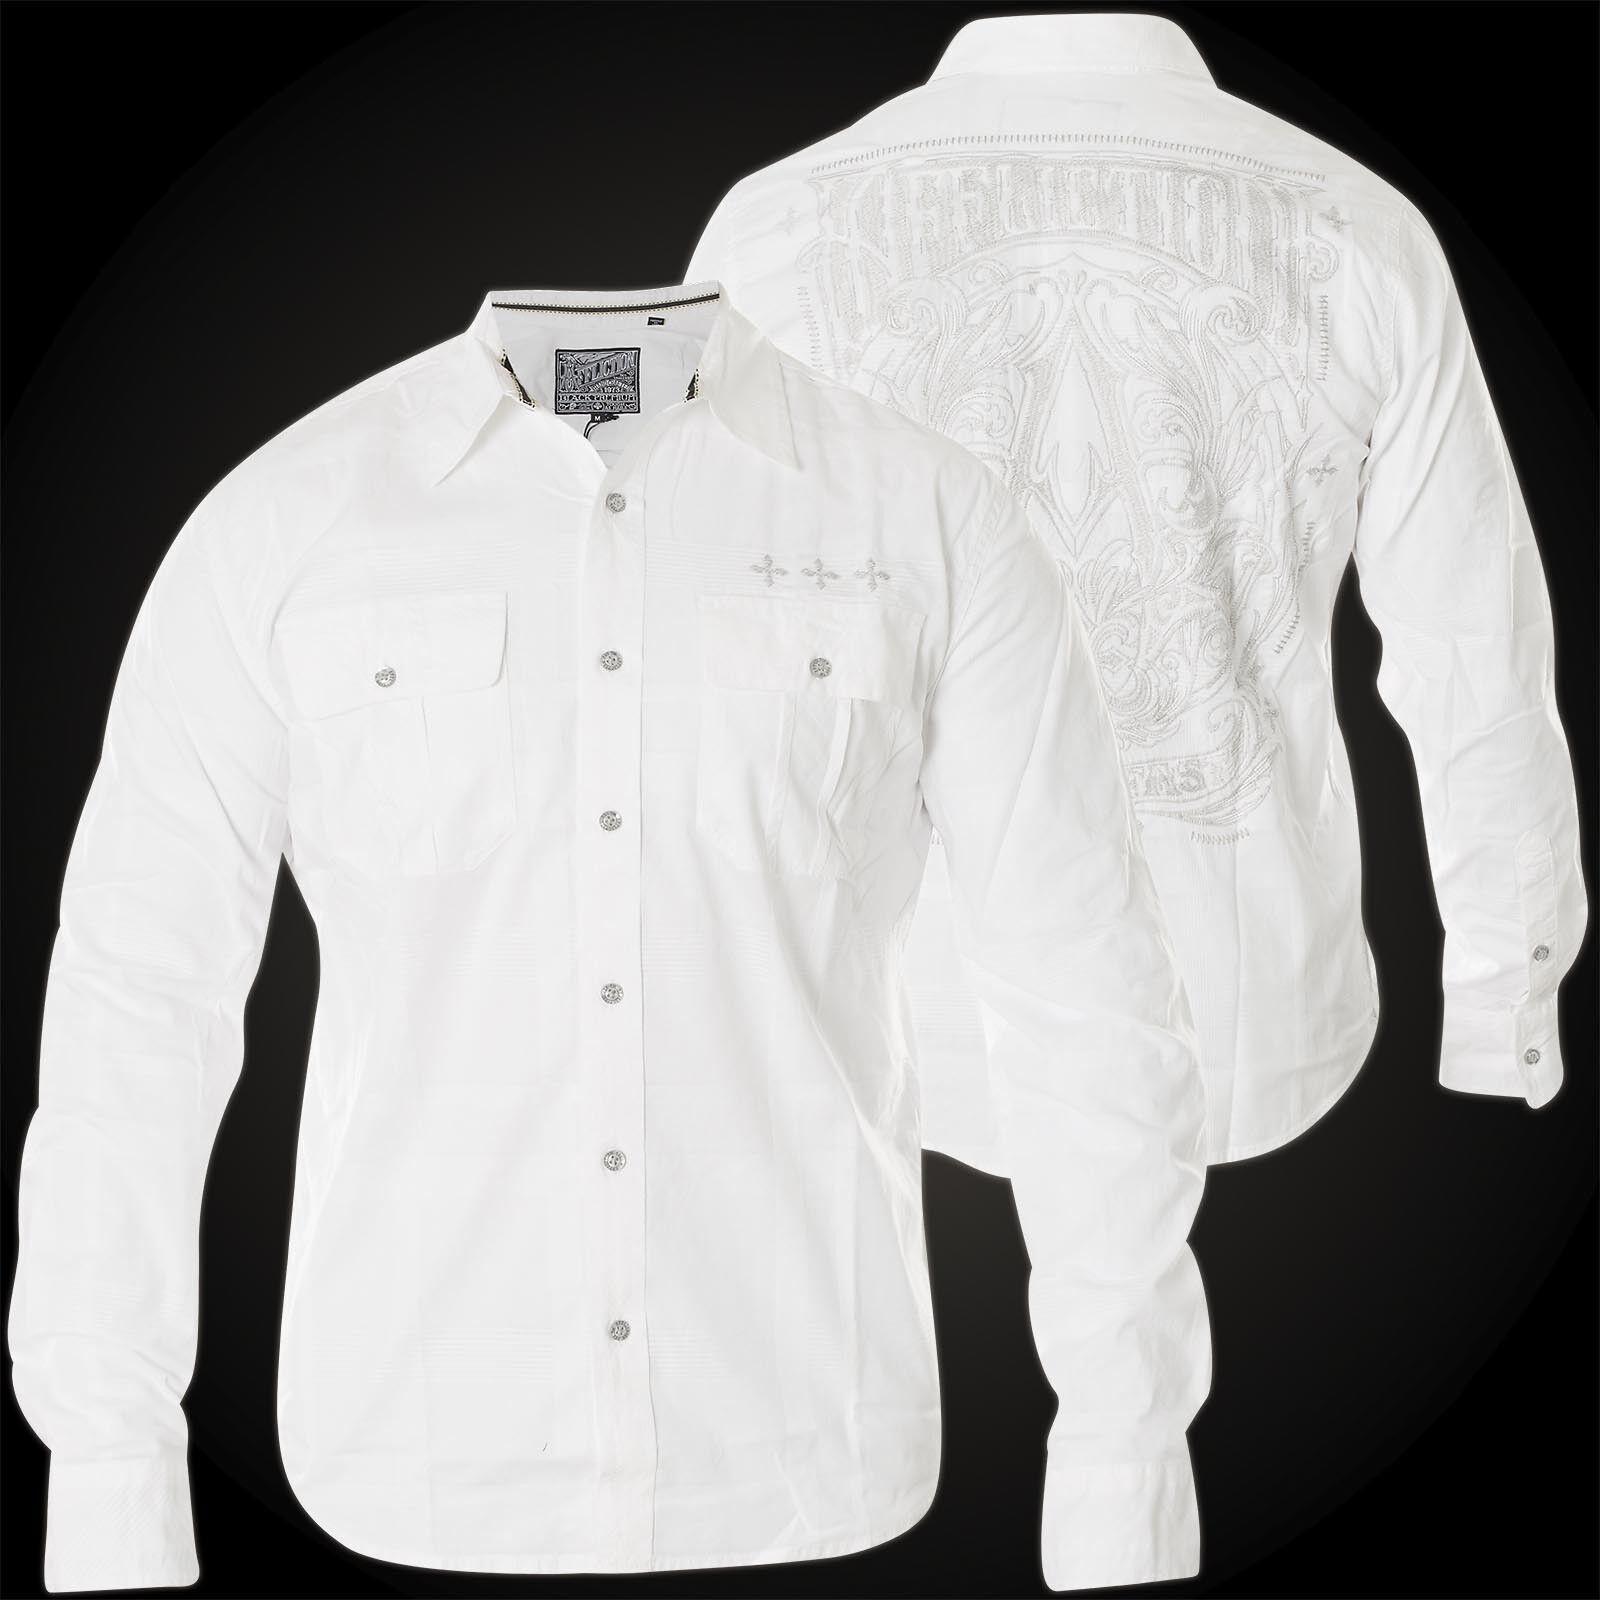 Affliction Camicia Rival elemento camicie bianco